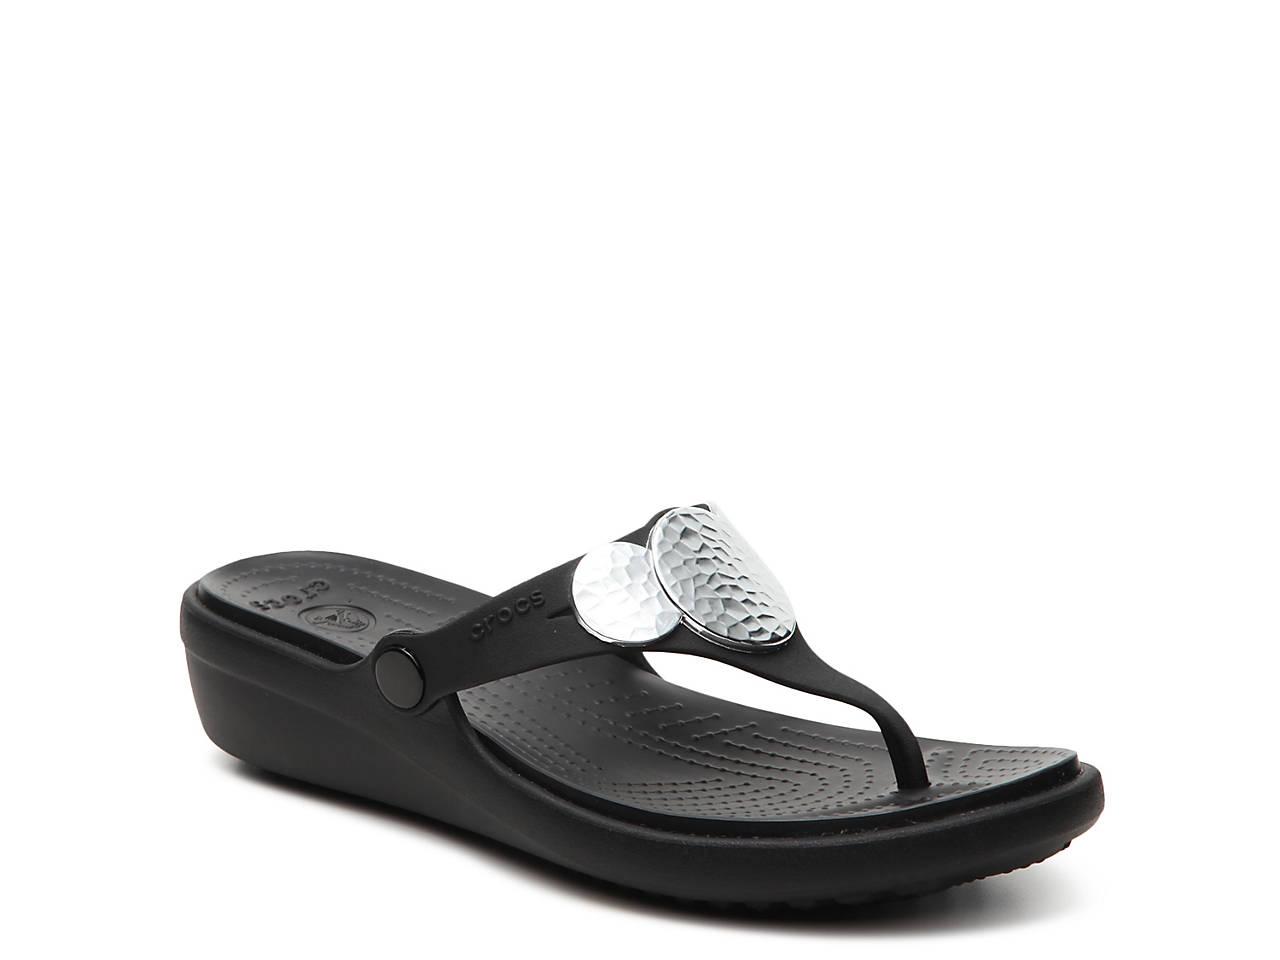 Sanrah Wedge Sandal by Crocs